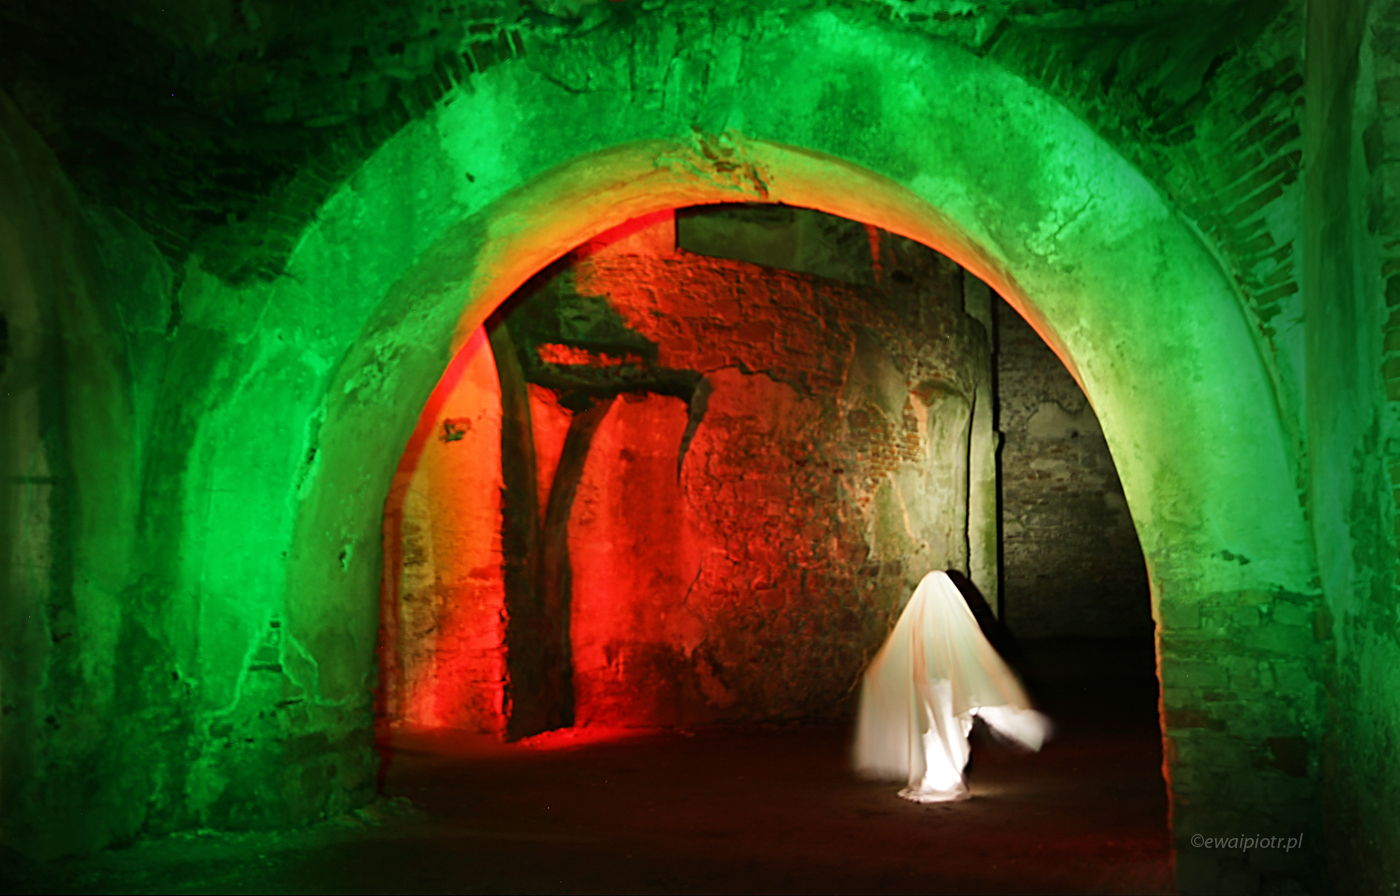 Biała dama w zamku Krzyżtopór, Świętokrzyskie, malowanie światłem